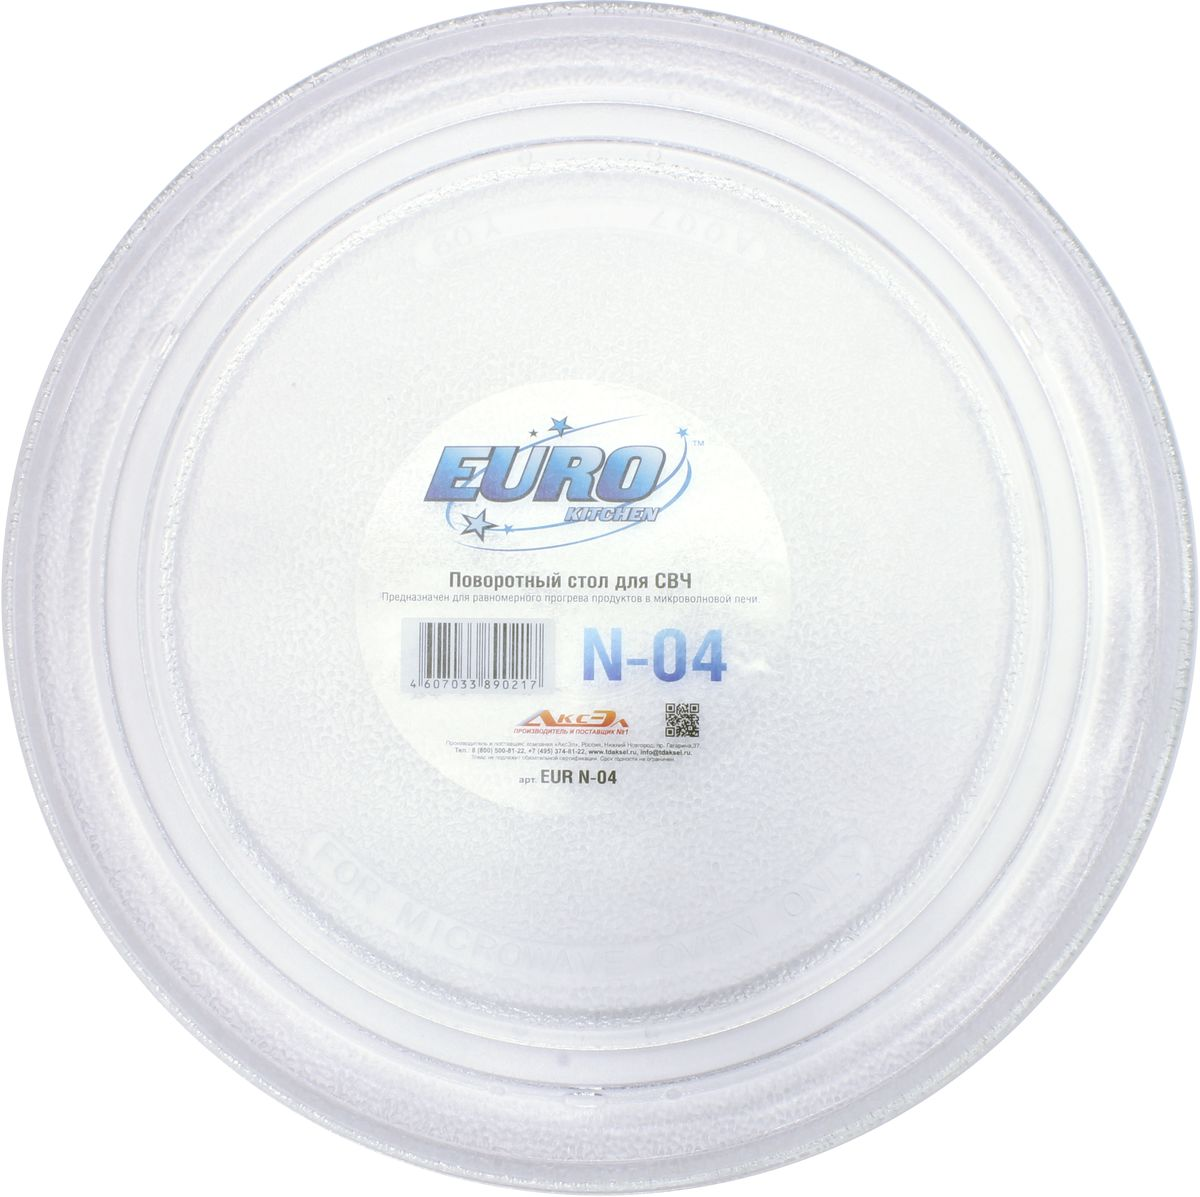 Euro Kitchen N-04 тарелка для СВЧ asko hss1053t